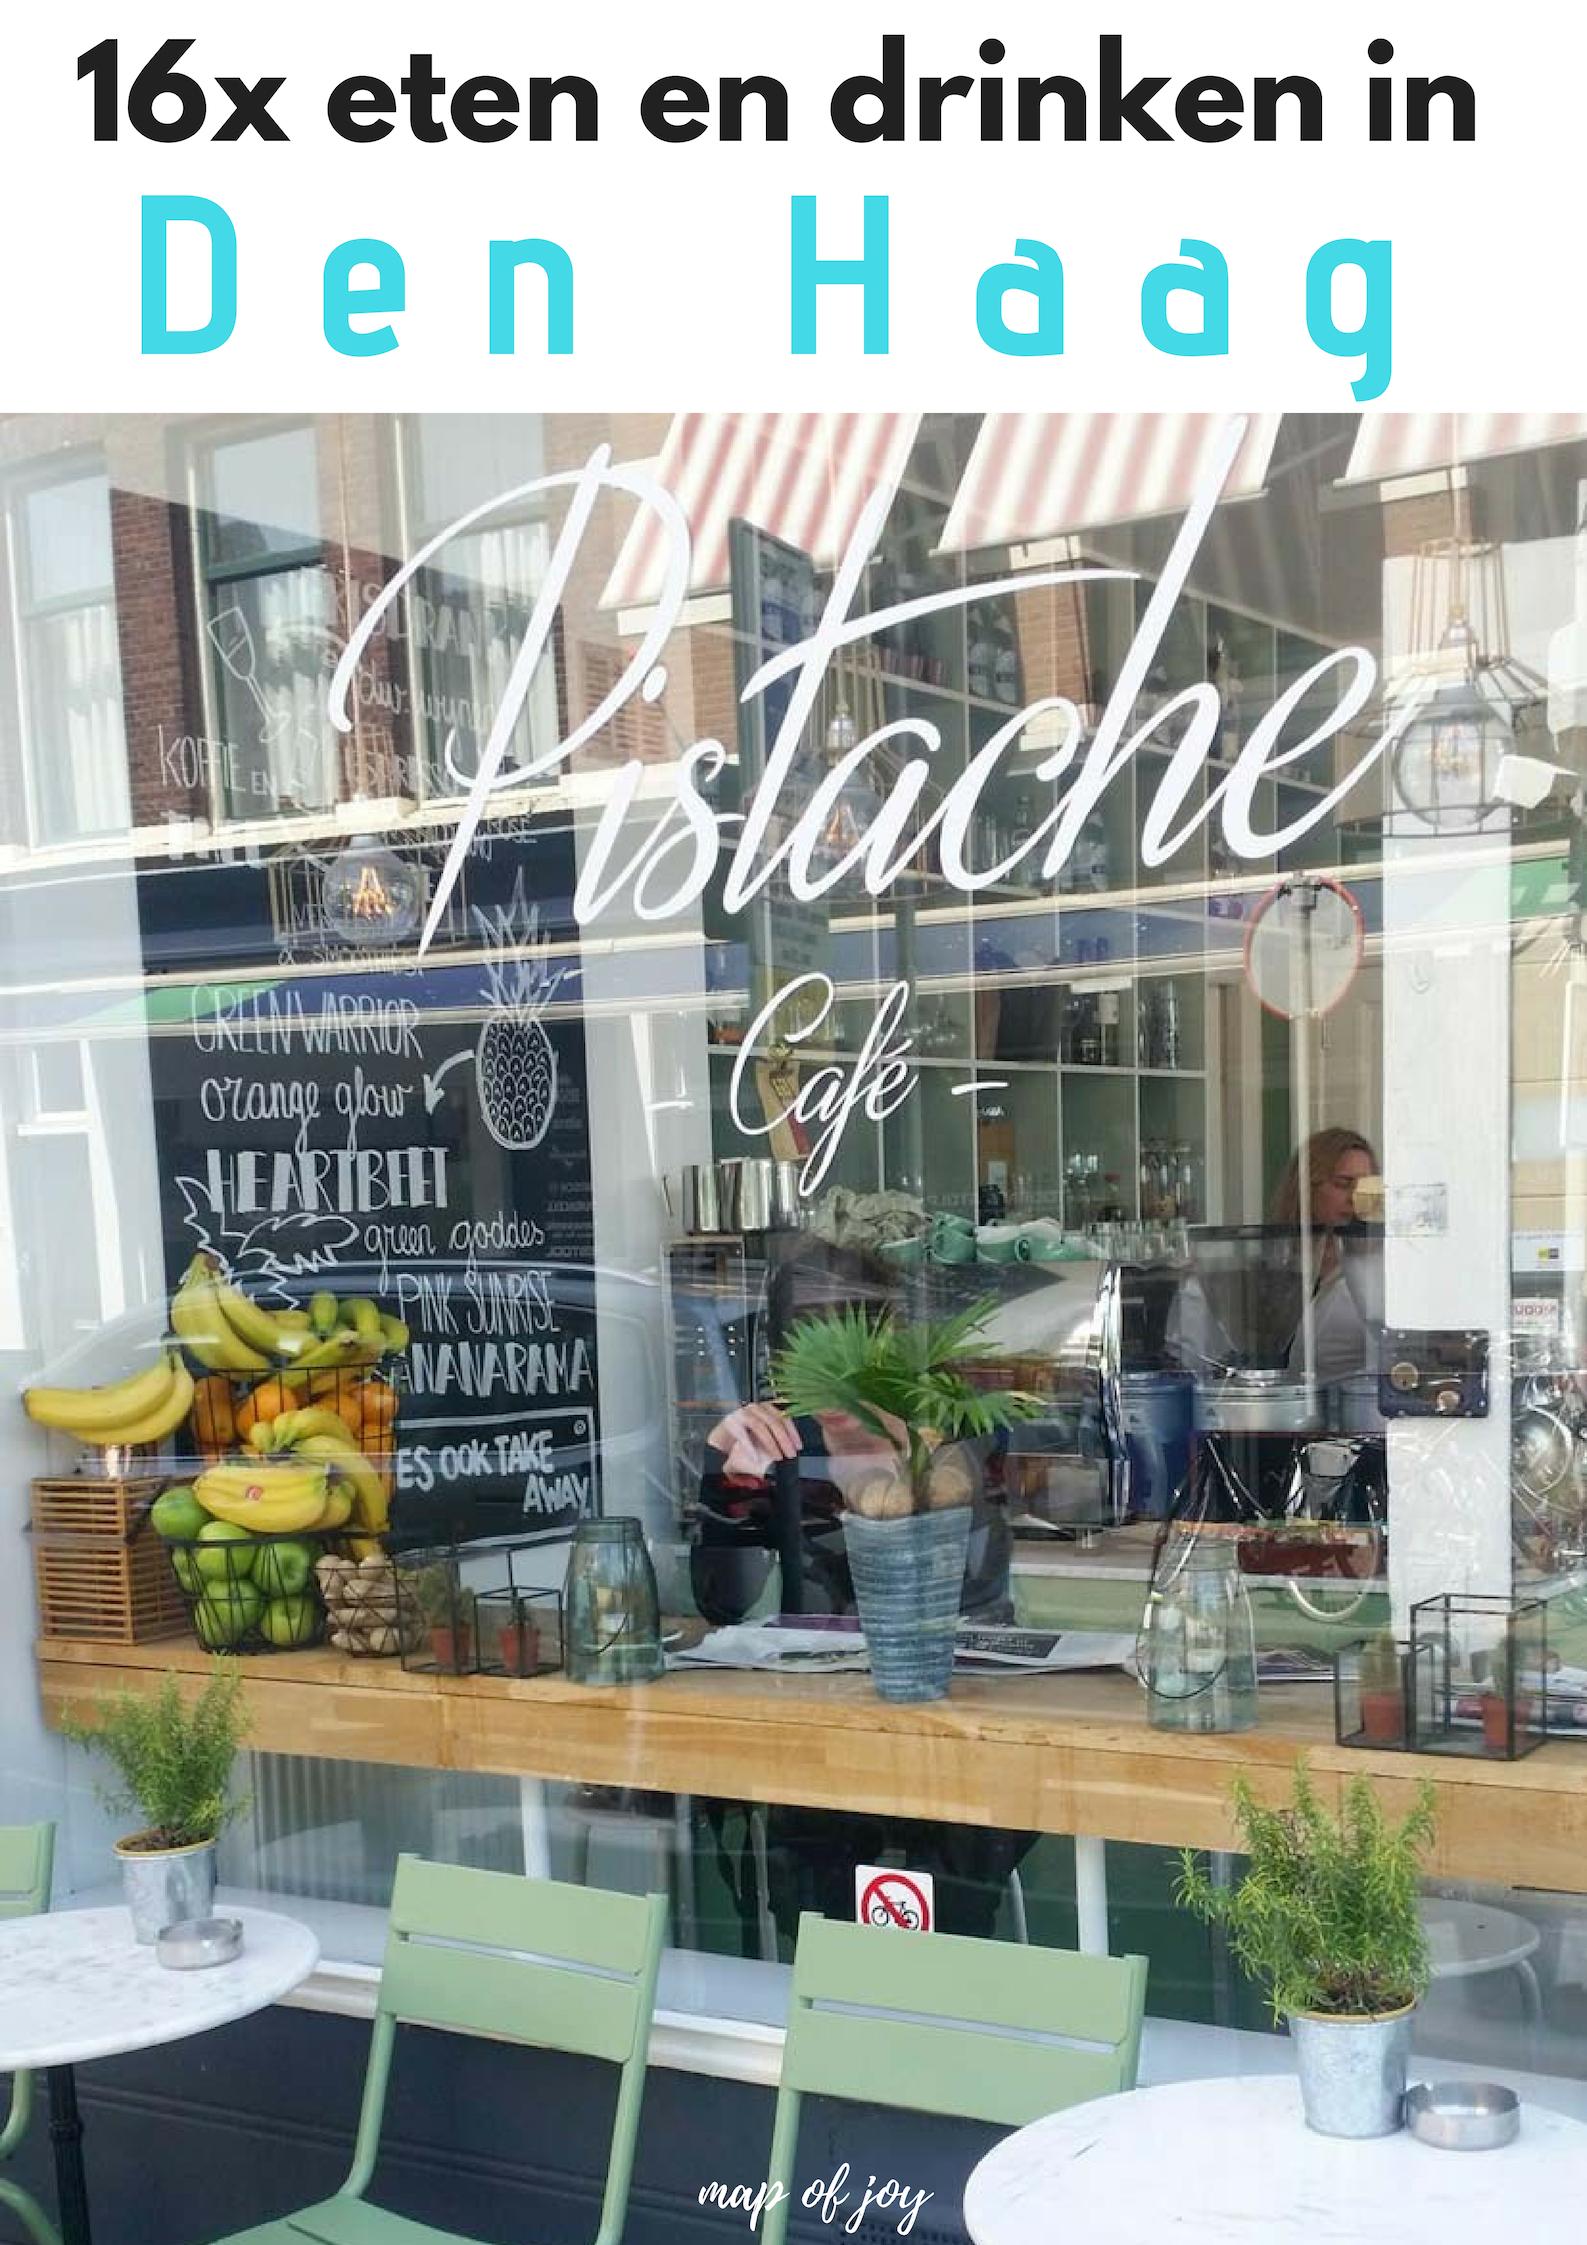 16x eten en drinken in Den Haag - Map of Joy